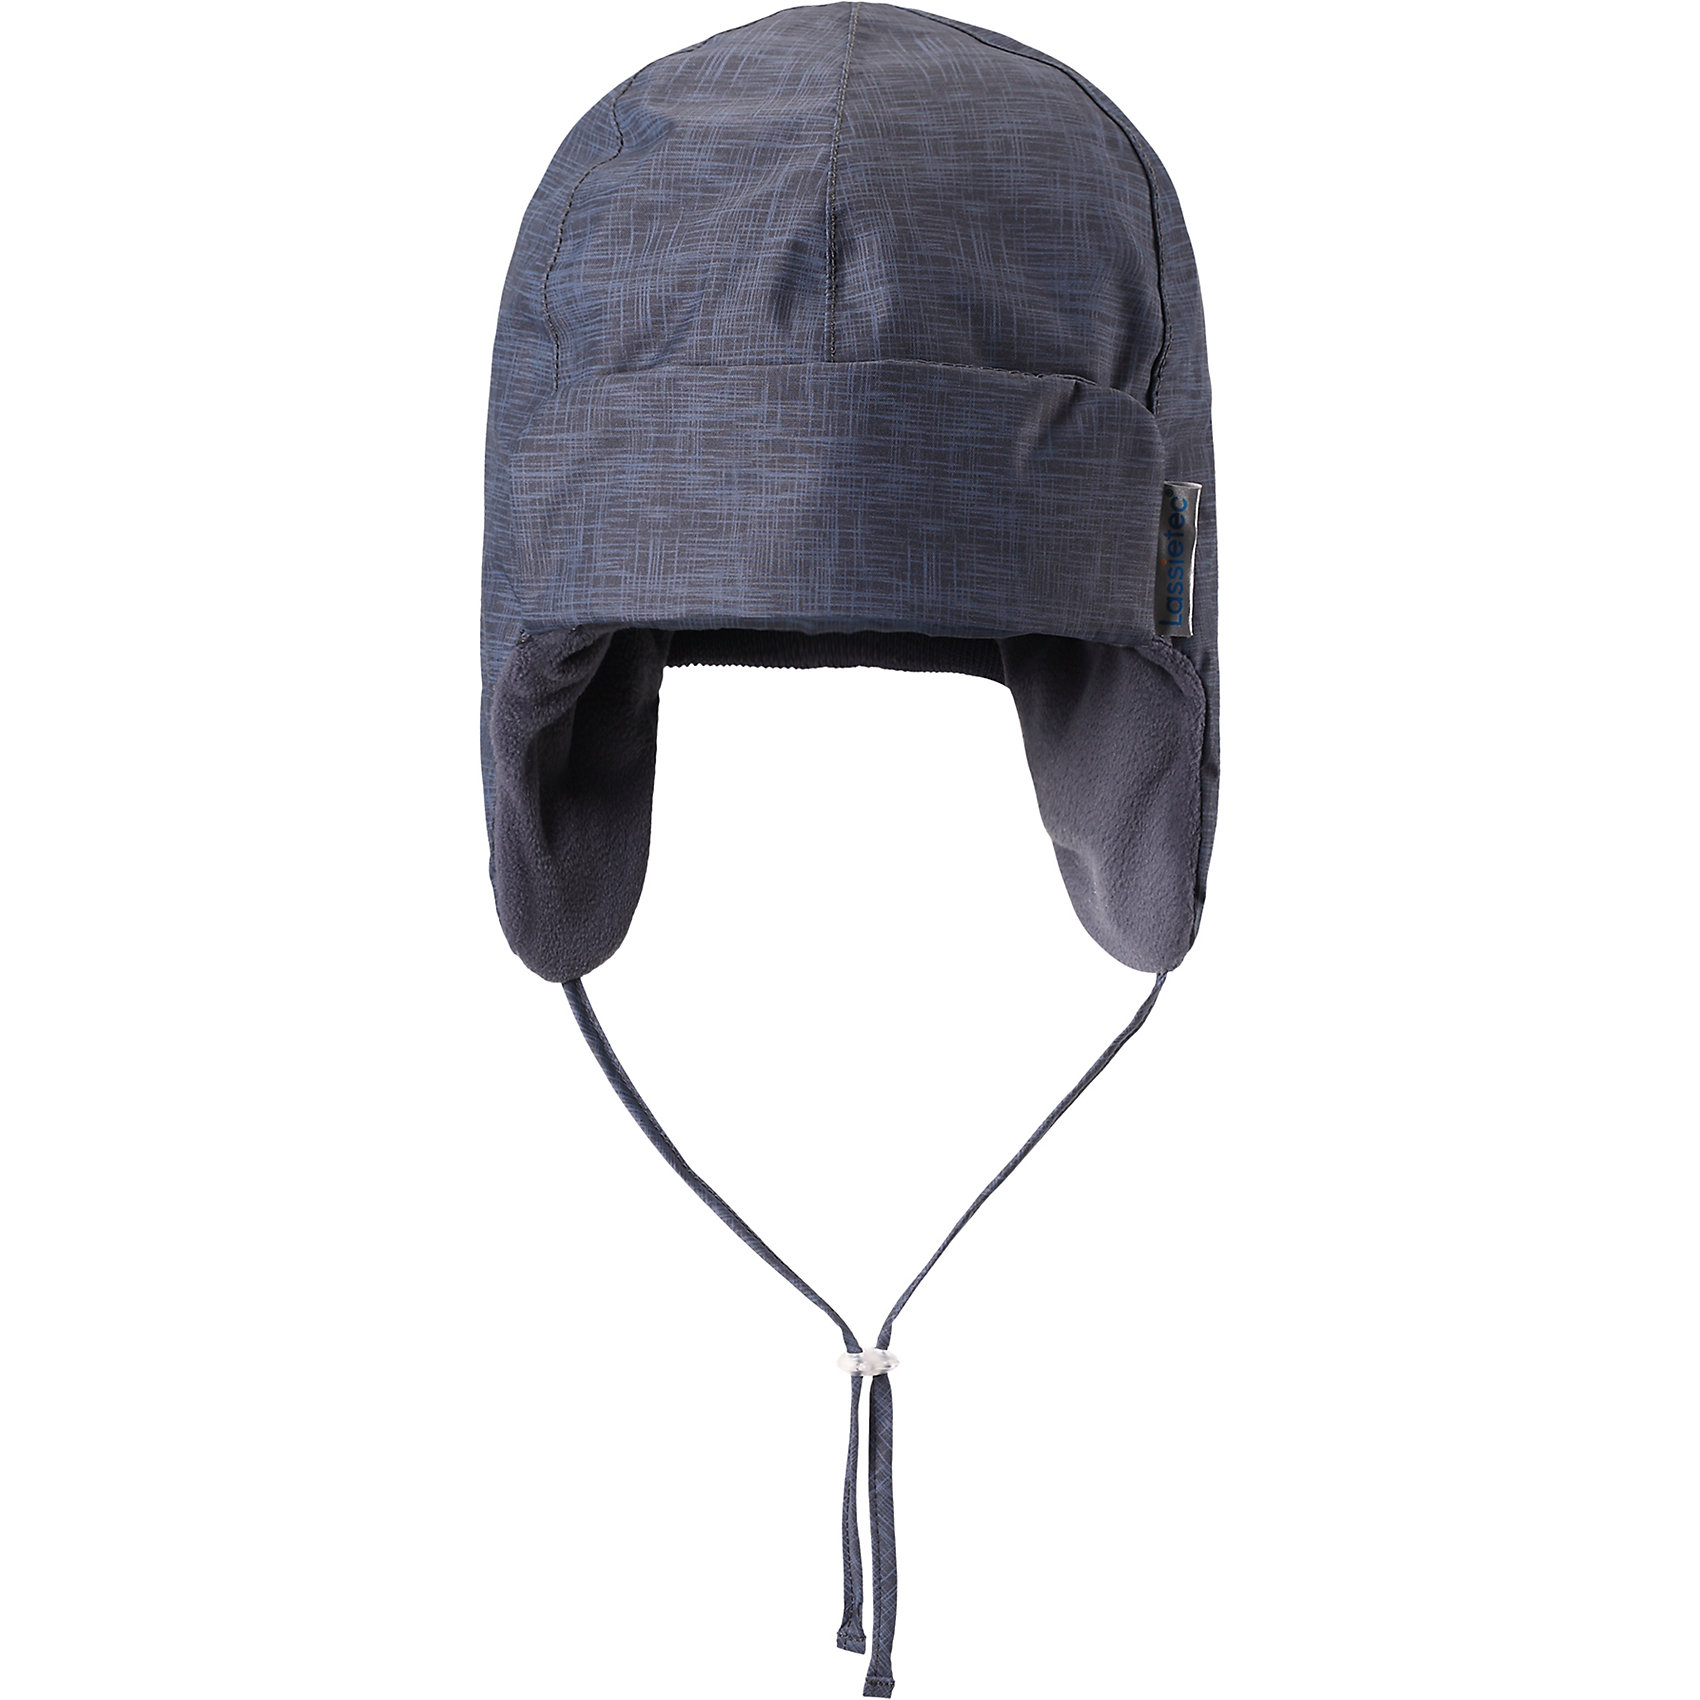 Шапка Lassietec LassieШапки и шарфы<br>Встречай зиму в этой теплой шапке для малышей! Мягкая флисовая подкладка очень приятна на ощупь, а благодаря водонепроницаемому, ветронепроницаемому и дышащему материалу шапка абсолютно непромокаемая. Светоотражающая эмблема Lassie® спереди.<br>Состав:<br>100% Полиэстер<br><br>Ширина мм: 89<br>Глубина мм: 117<br>Высота мм: 44<br>Вес г: 155<br>Цвет: серый<br>Возраст от месяцев: 72<br>Возраст до месяцев: 84<br>Пол: Унисекс<br>Возраст: Детский<br>Размер: 54,46,48,50,52<br>SKU: 6927245